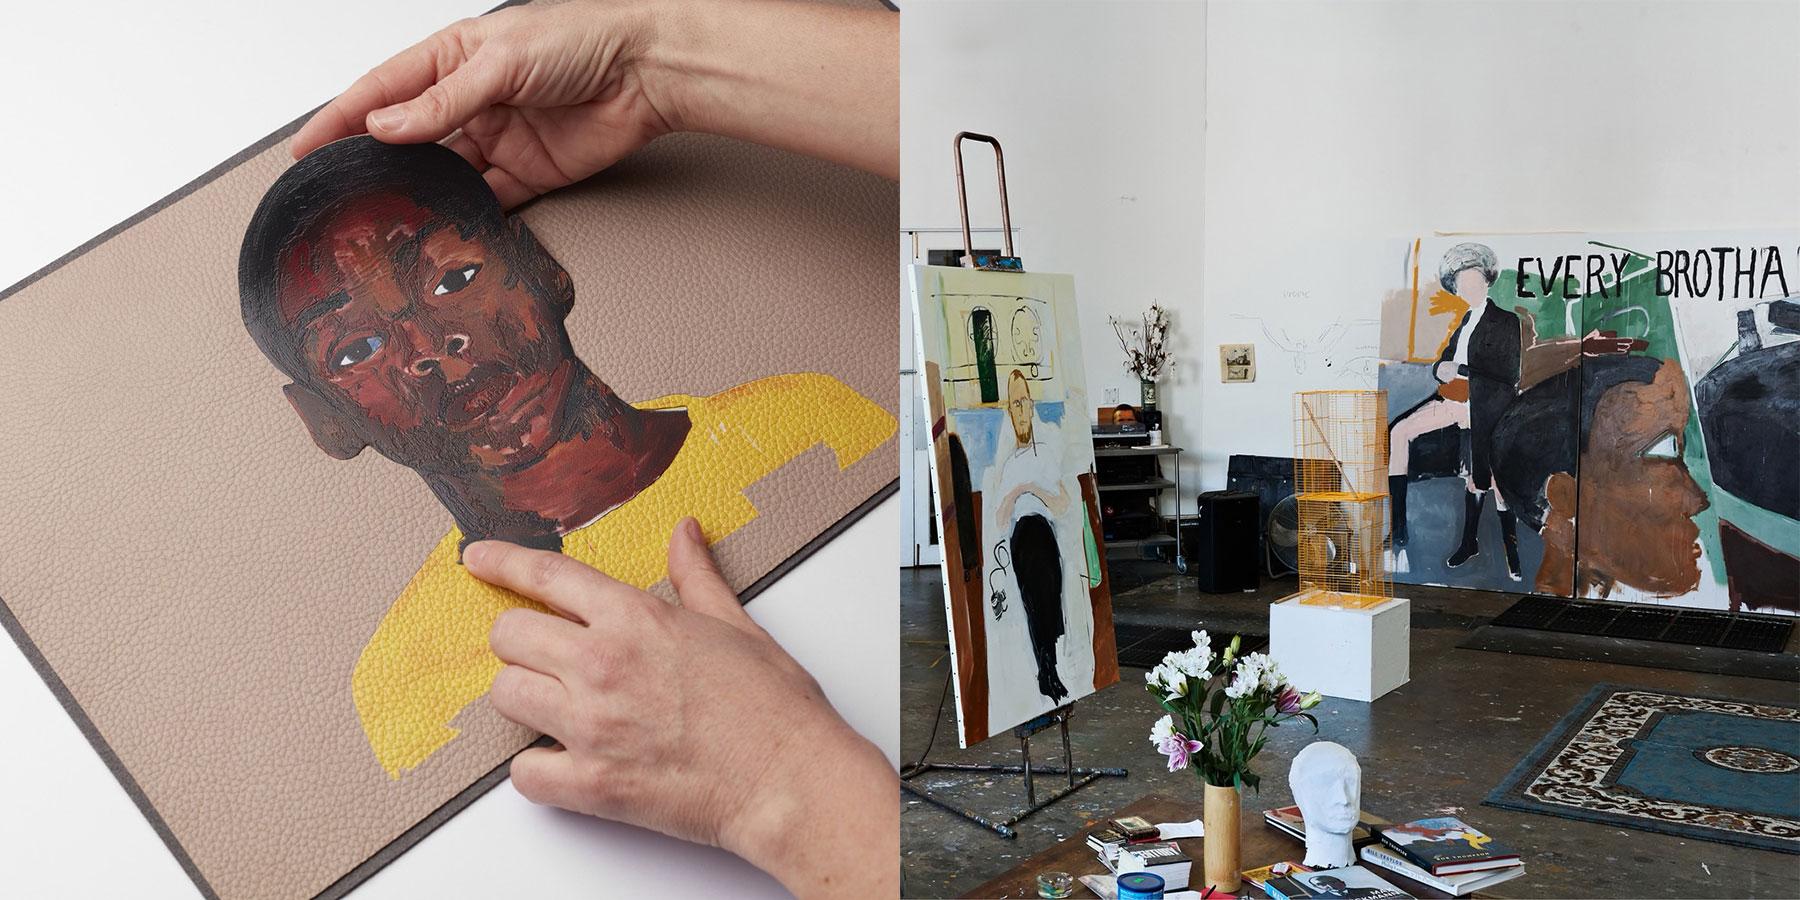 Louis Vuitton ra mắt 6 mẫu Artycapucines của các nghệ sĩ qua dòng túi Capucine - 6